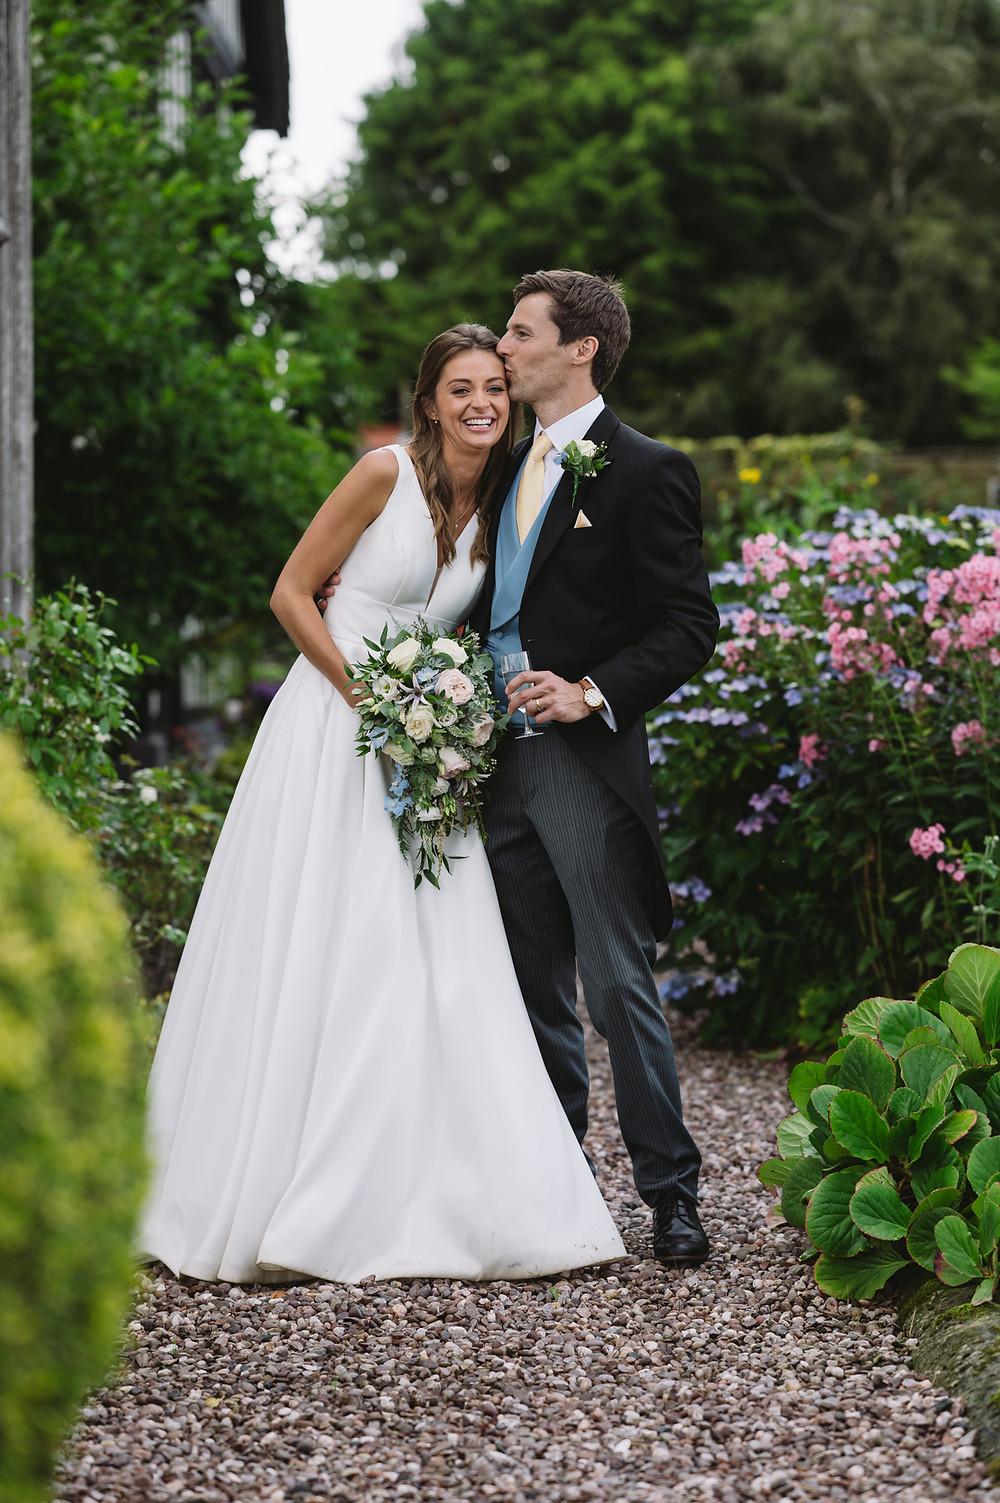 Wrenbury Hall Wedding Photography, Wrenbury Hall Wedding Photographer